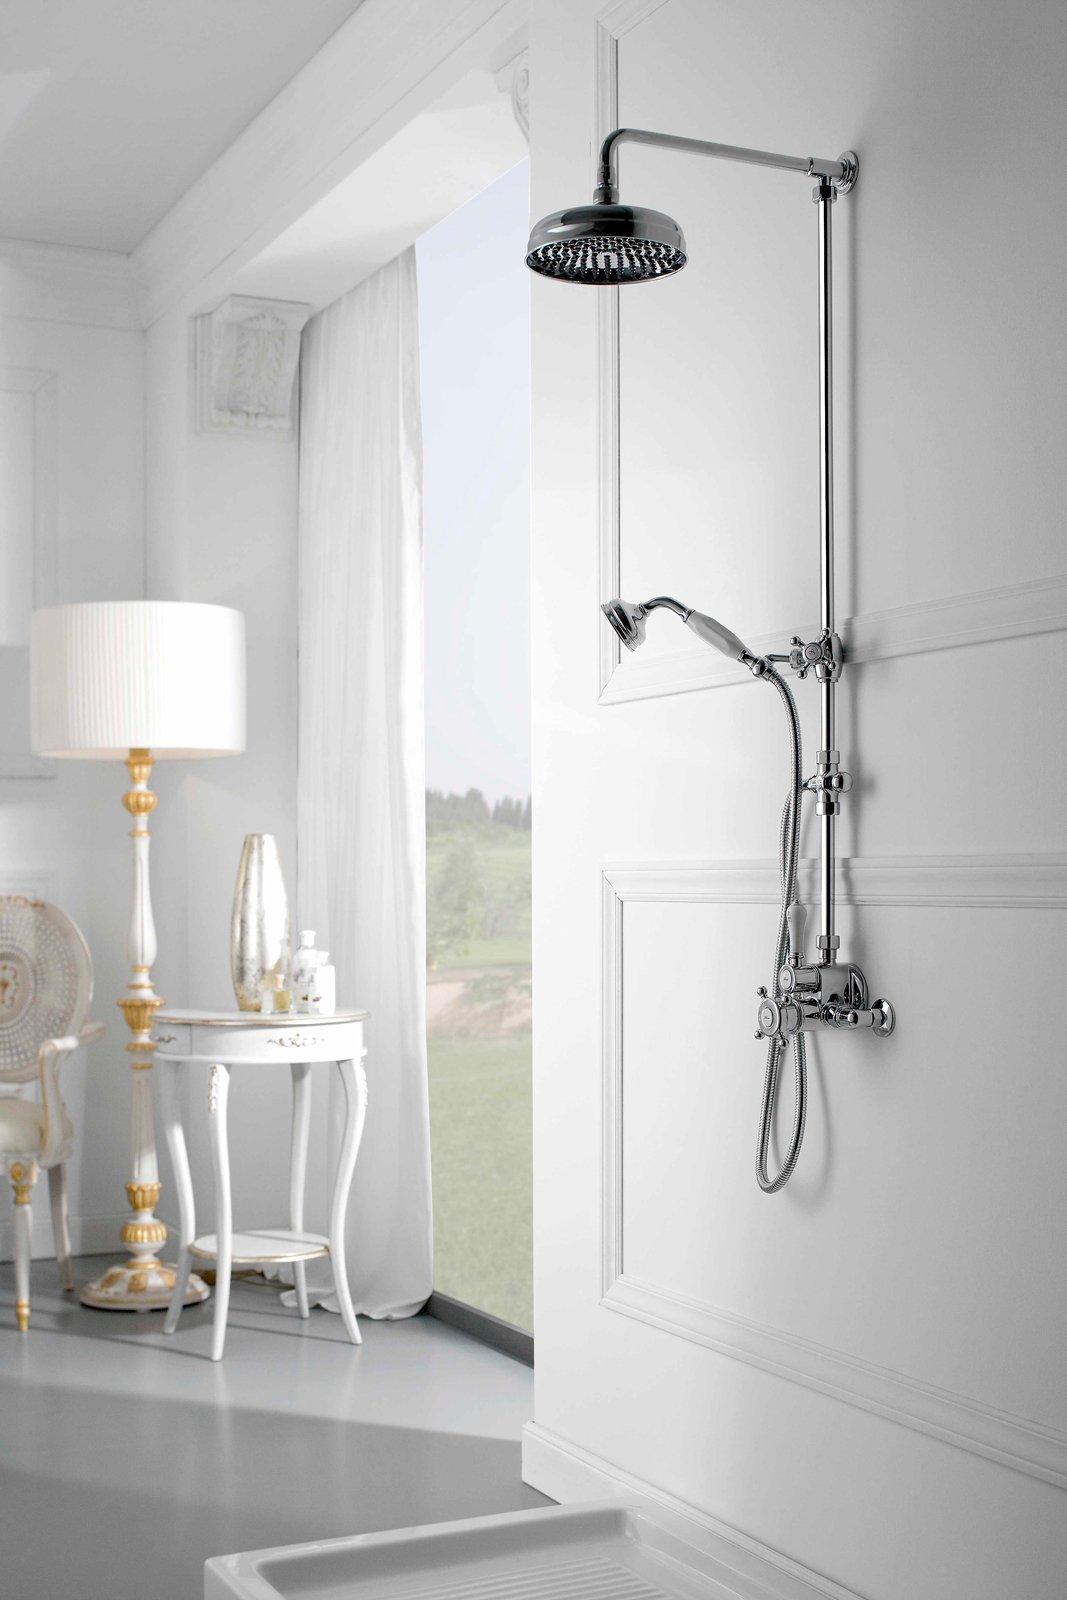 Gruppo doccia soffioni e doccette una coppia per il - Altezza soffione doccia ...